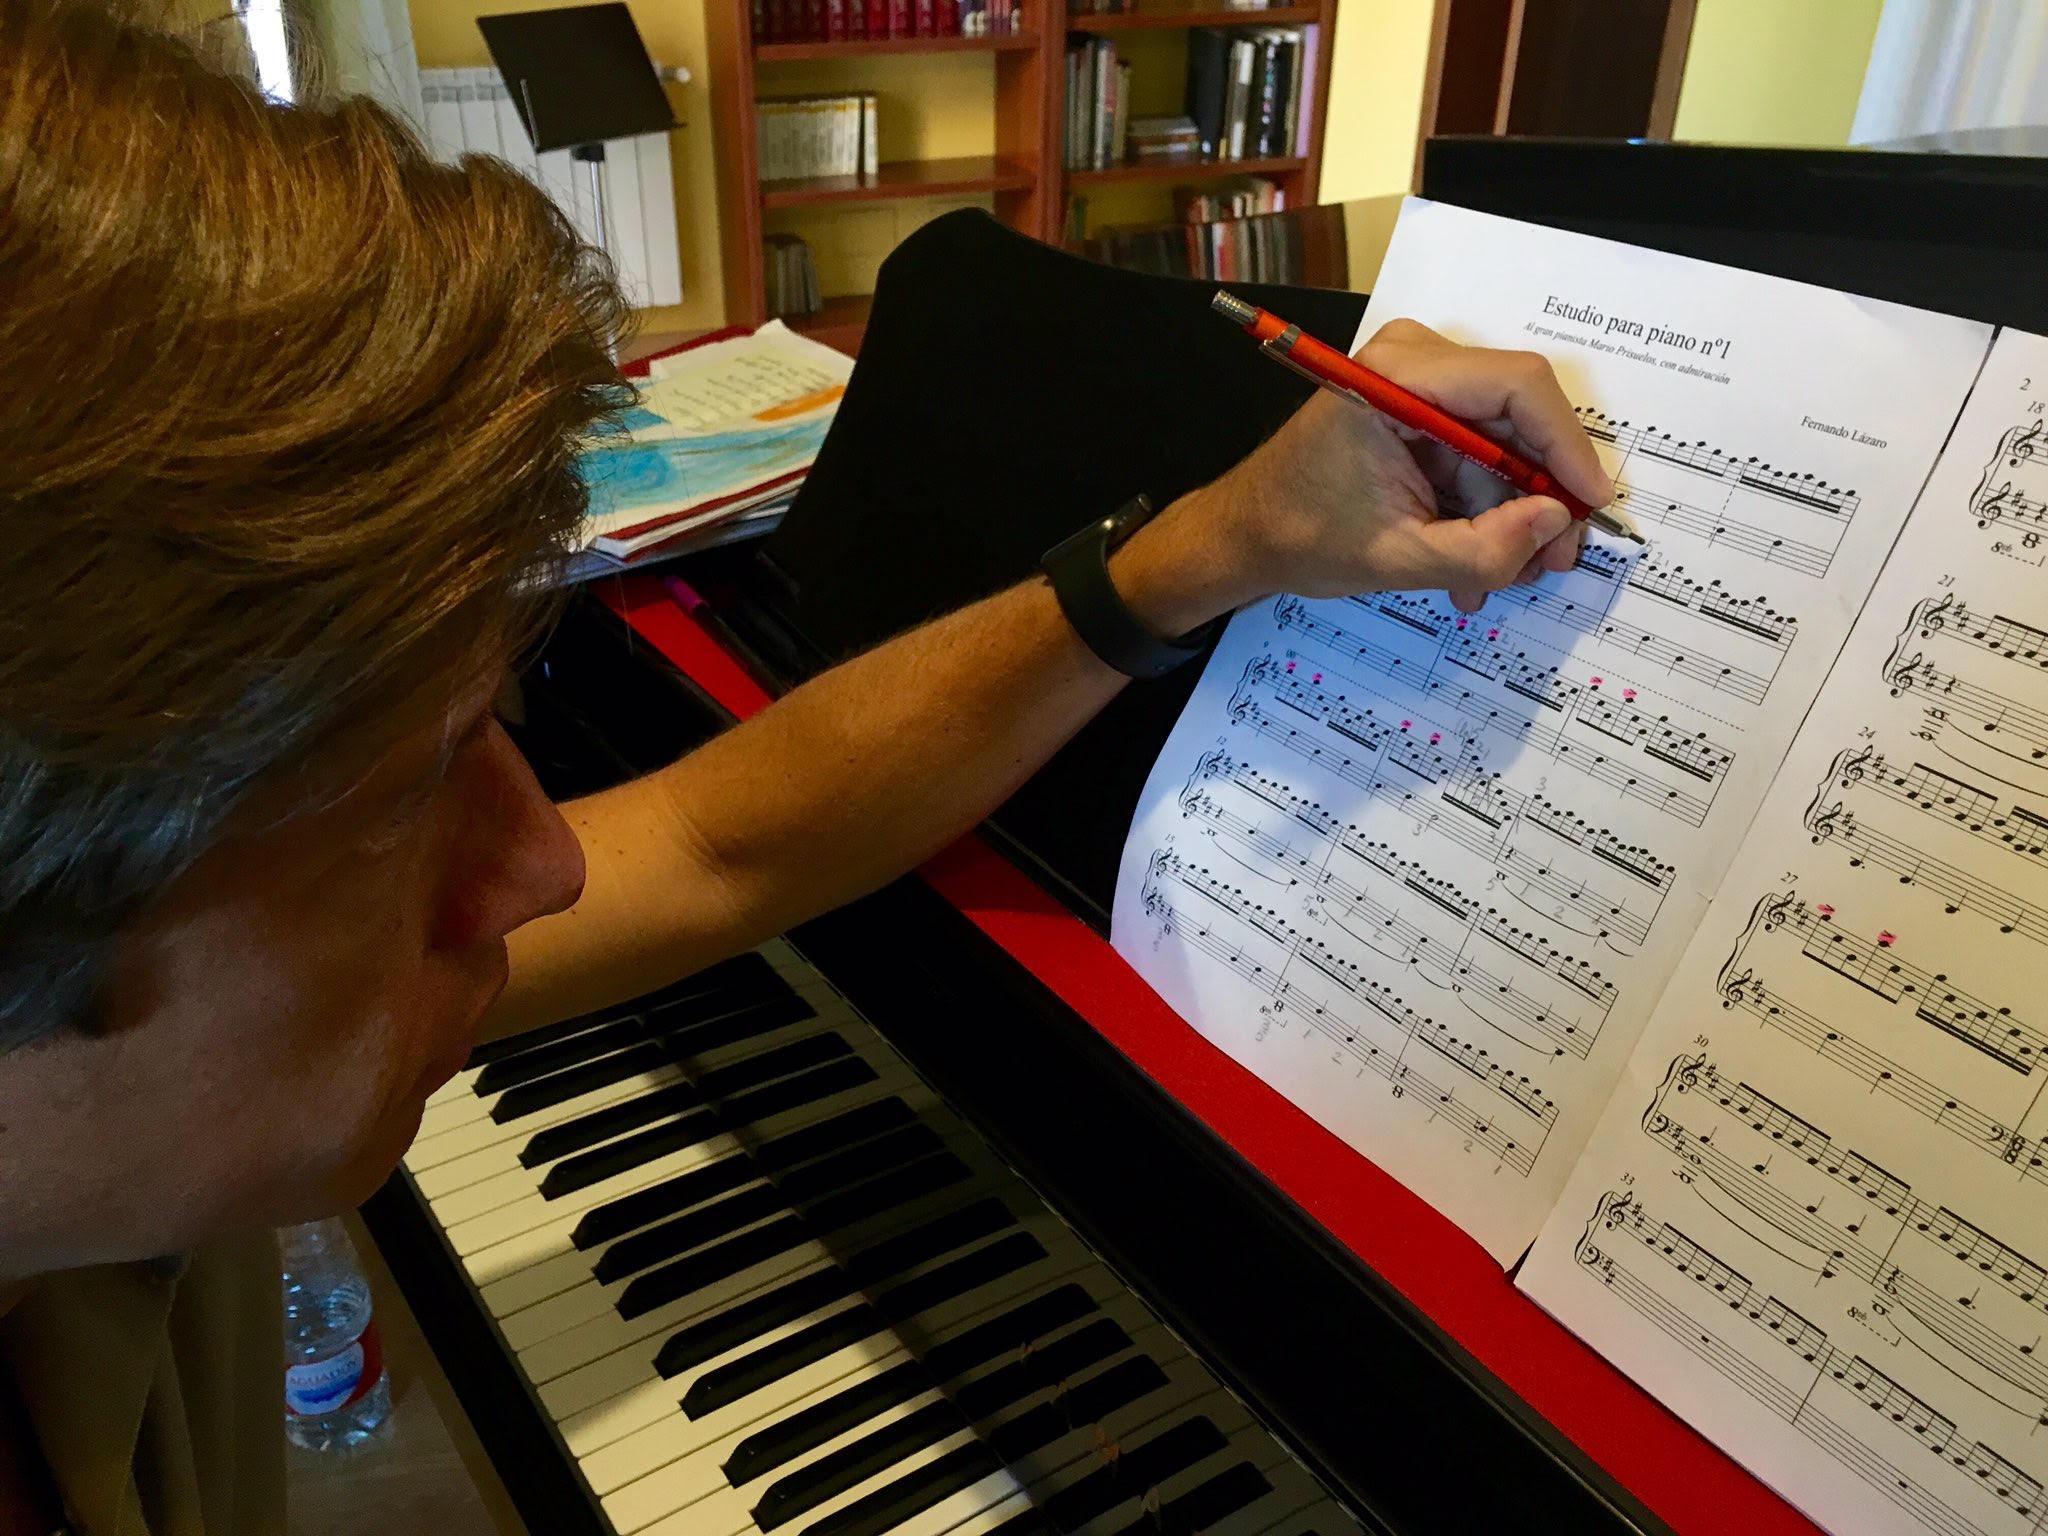 El gran pianista español Mario Prisuelos en el ensayo de mi Estudio nº1  - Imágenes - Fernando Lázaro, Compositor y Pianista